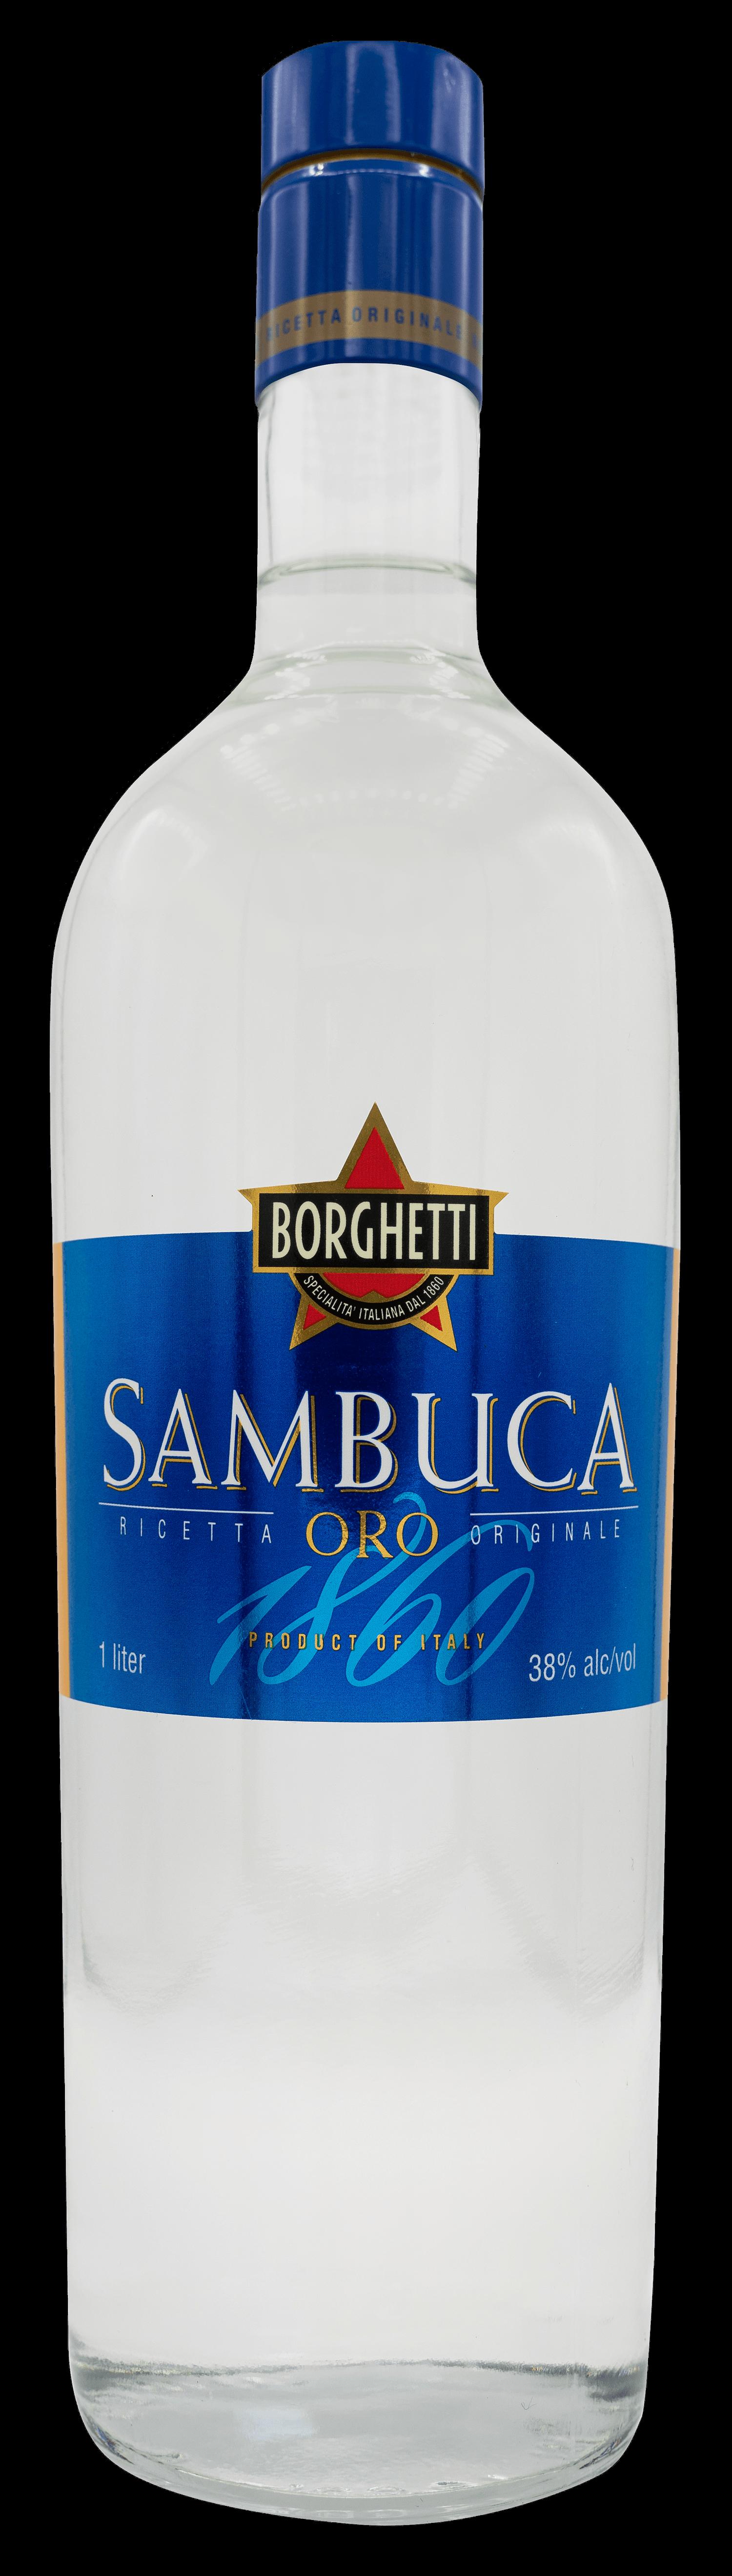 Sambuca Borghetti